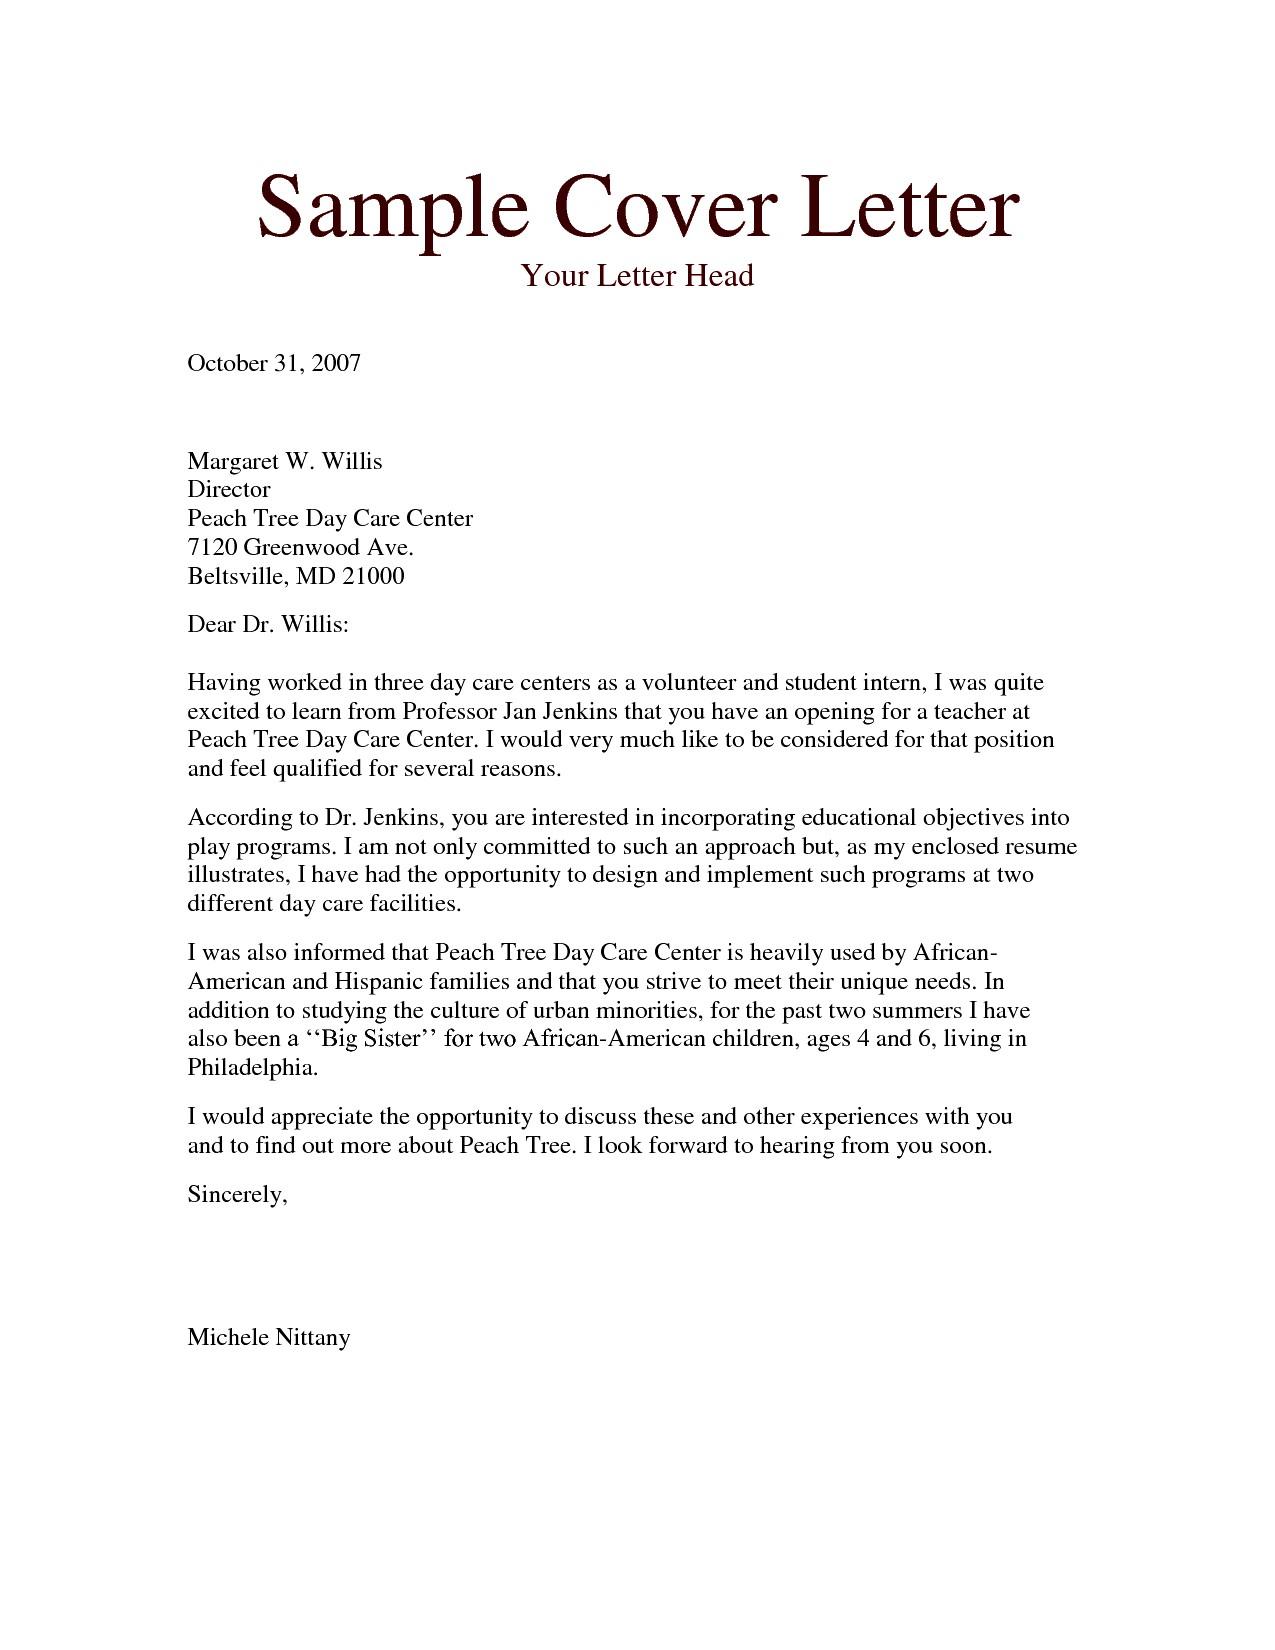 Template for Cover Letter for Teaching Position - Cover Letter for Montessori Teacher Acurnamedia